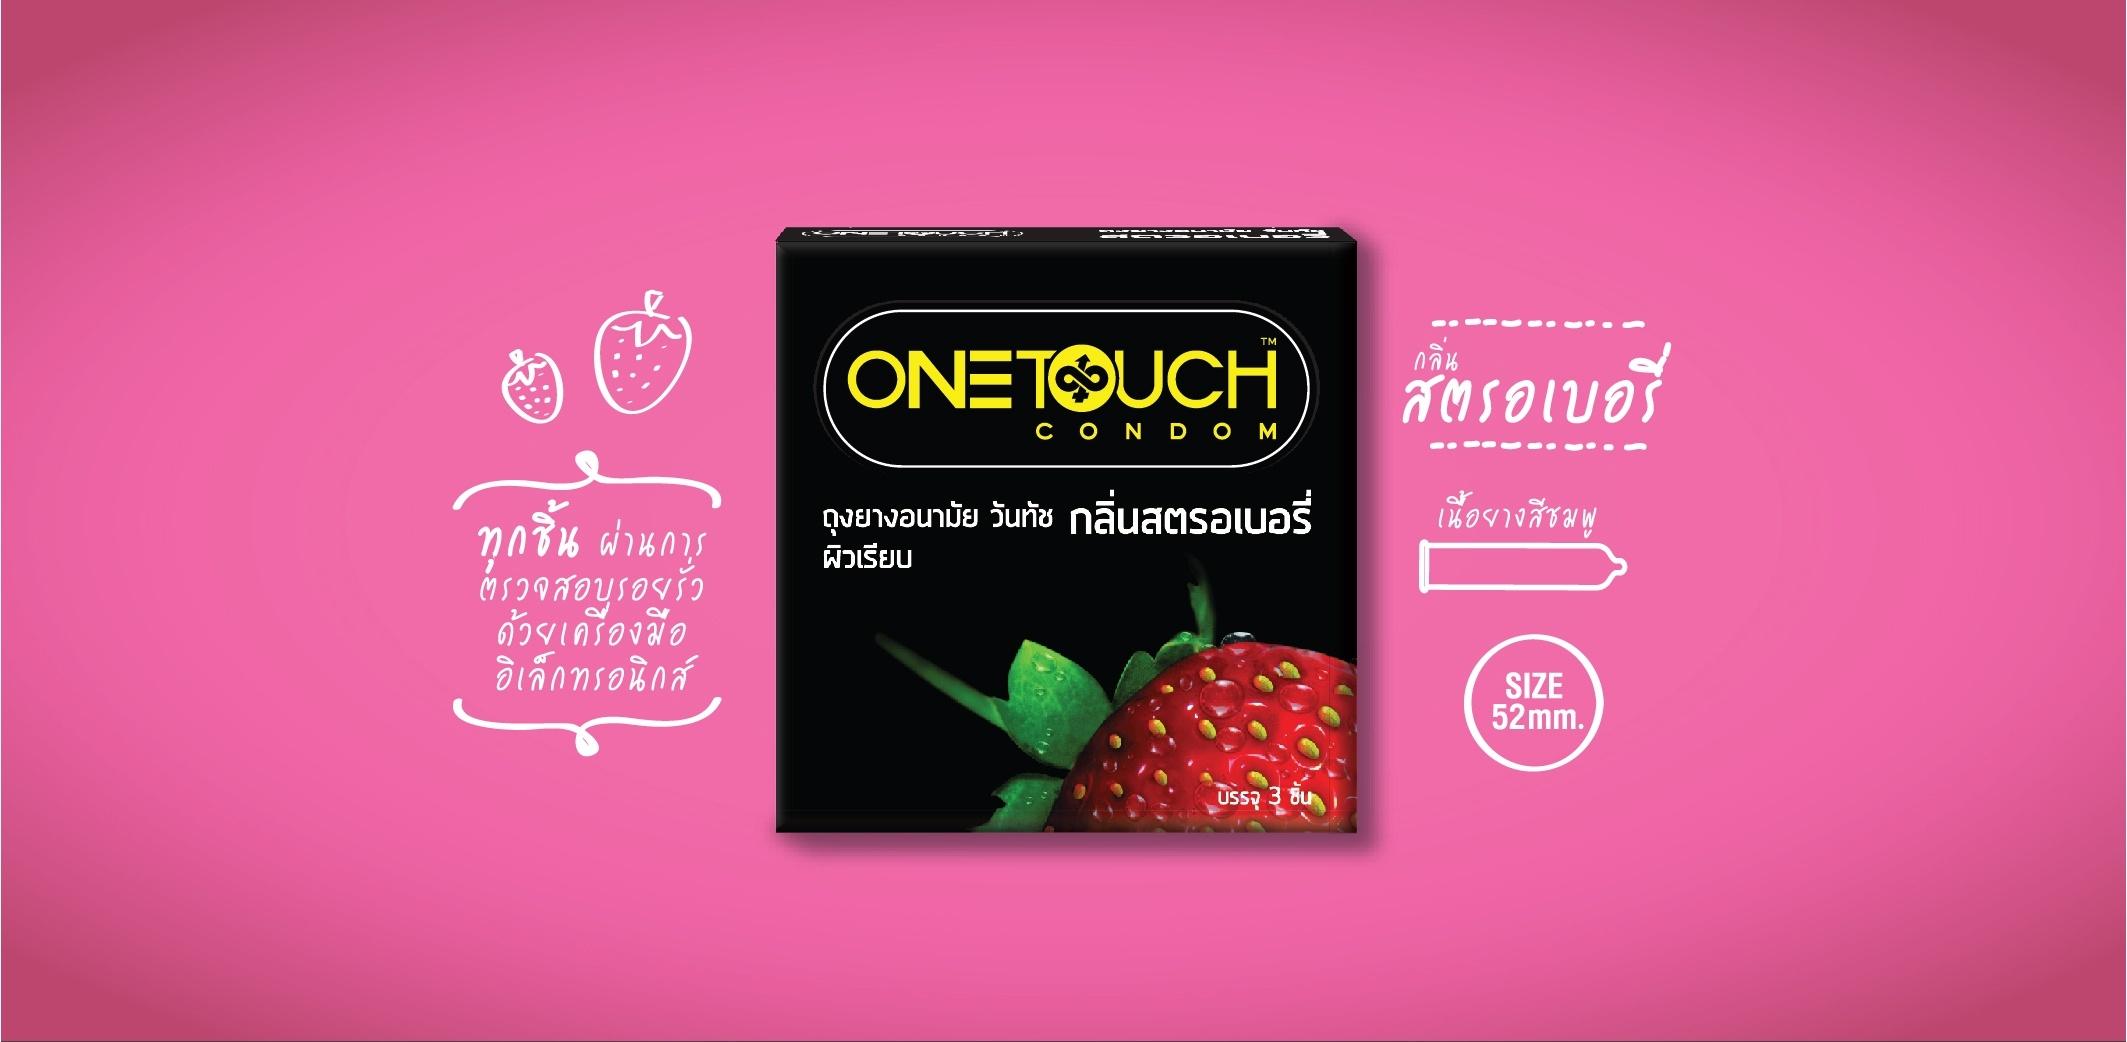 One Touch Strawberry (วันทัช สตรอเบอรี่ กล่องใหญ่ 12 ชิ้น)